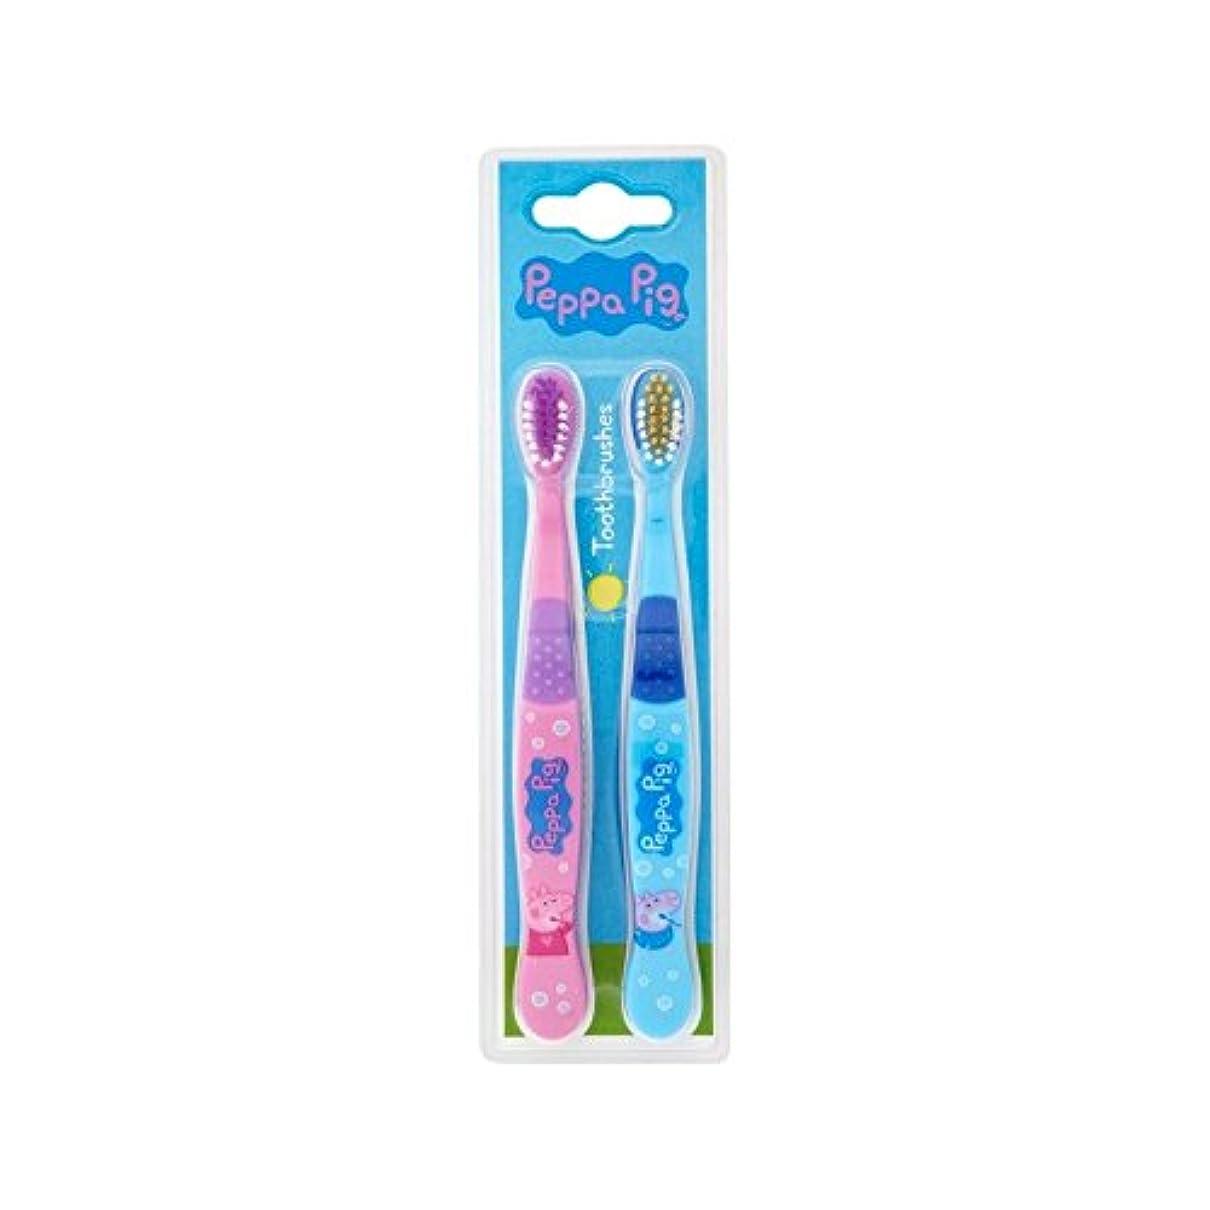 年齢ピアノを弾く輸血1パックツイン歯ブラシ2 (Peppa Pig) - Peppa Pig Twin Toothbrush 2 per pack [並行輸入品]